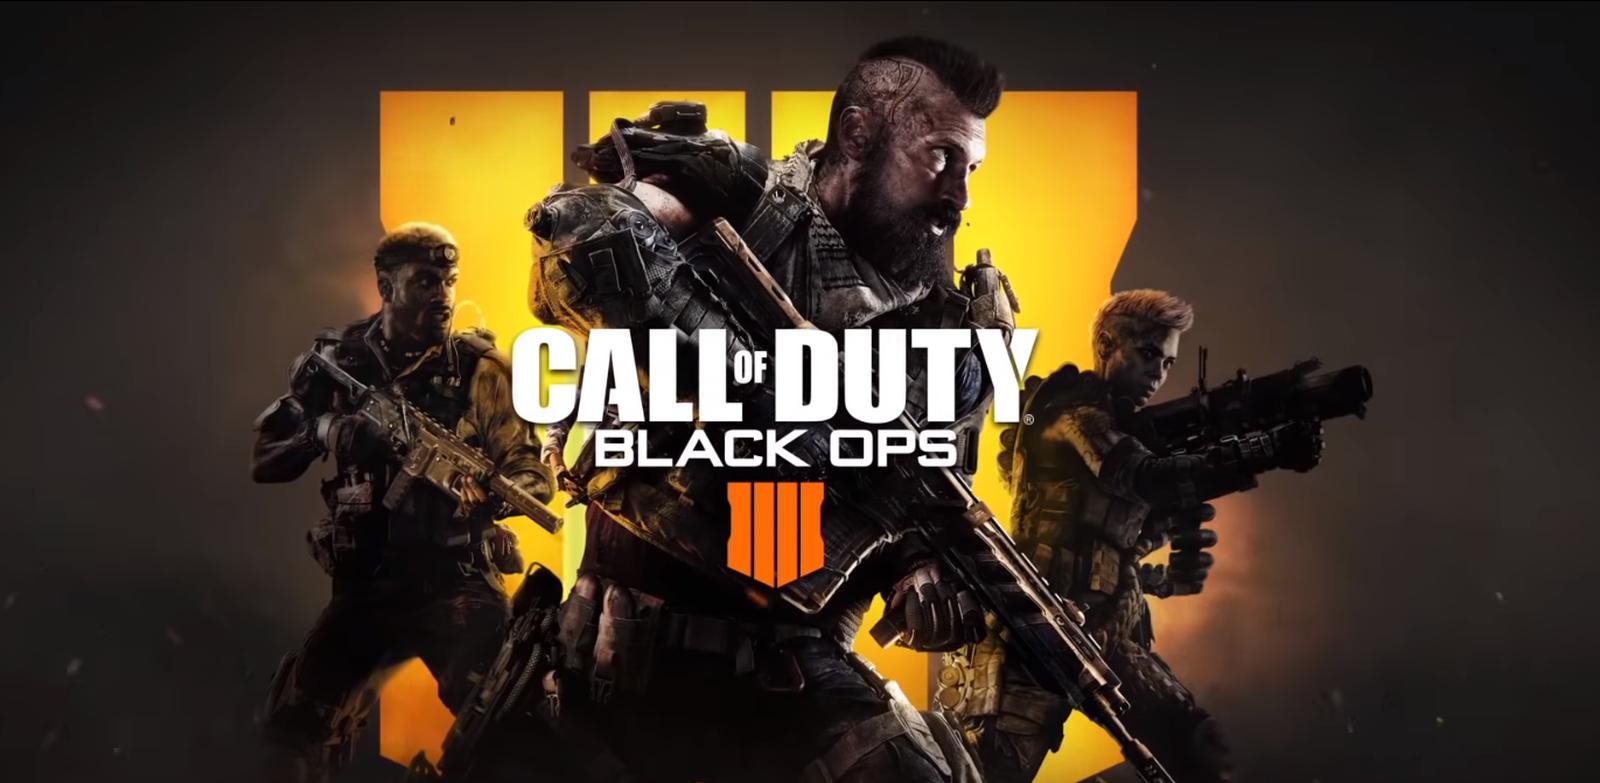 Call of Duty: Black Ops 4 | Blackout, o modo Battle Royale do game, terá 80 jogadores